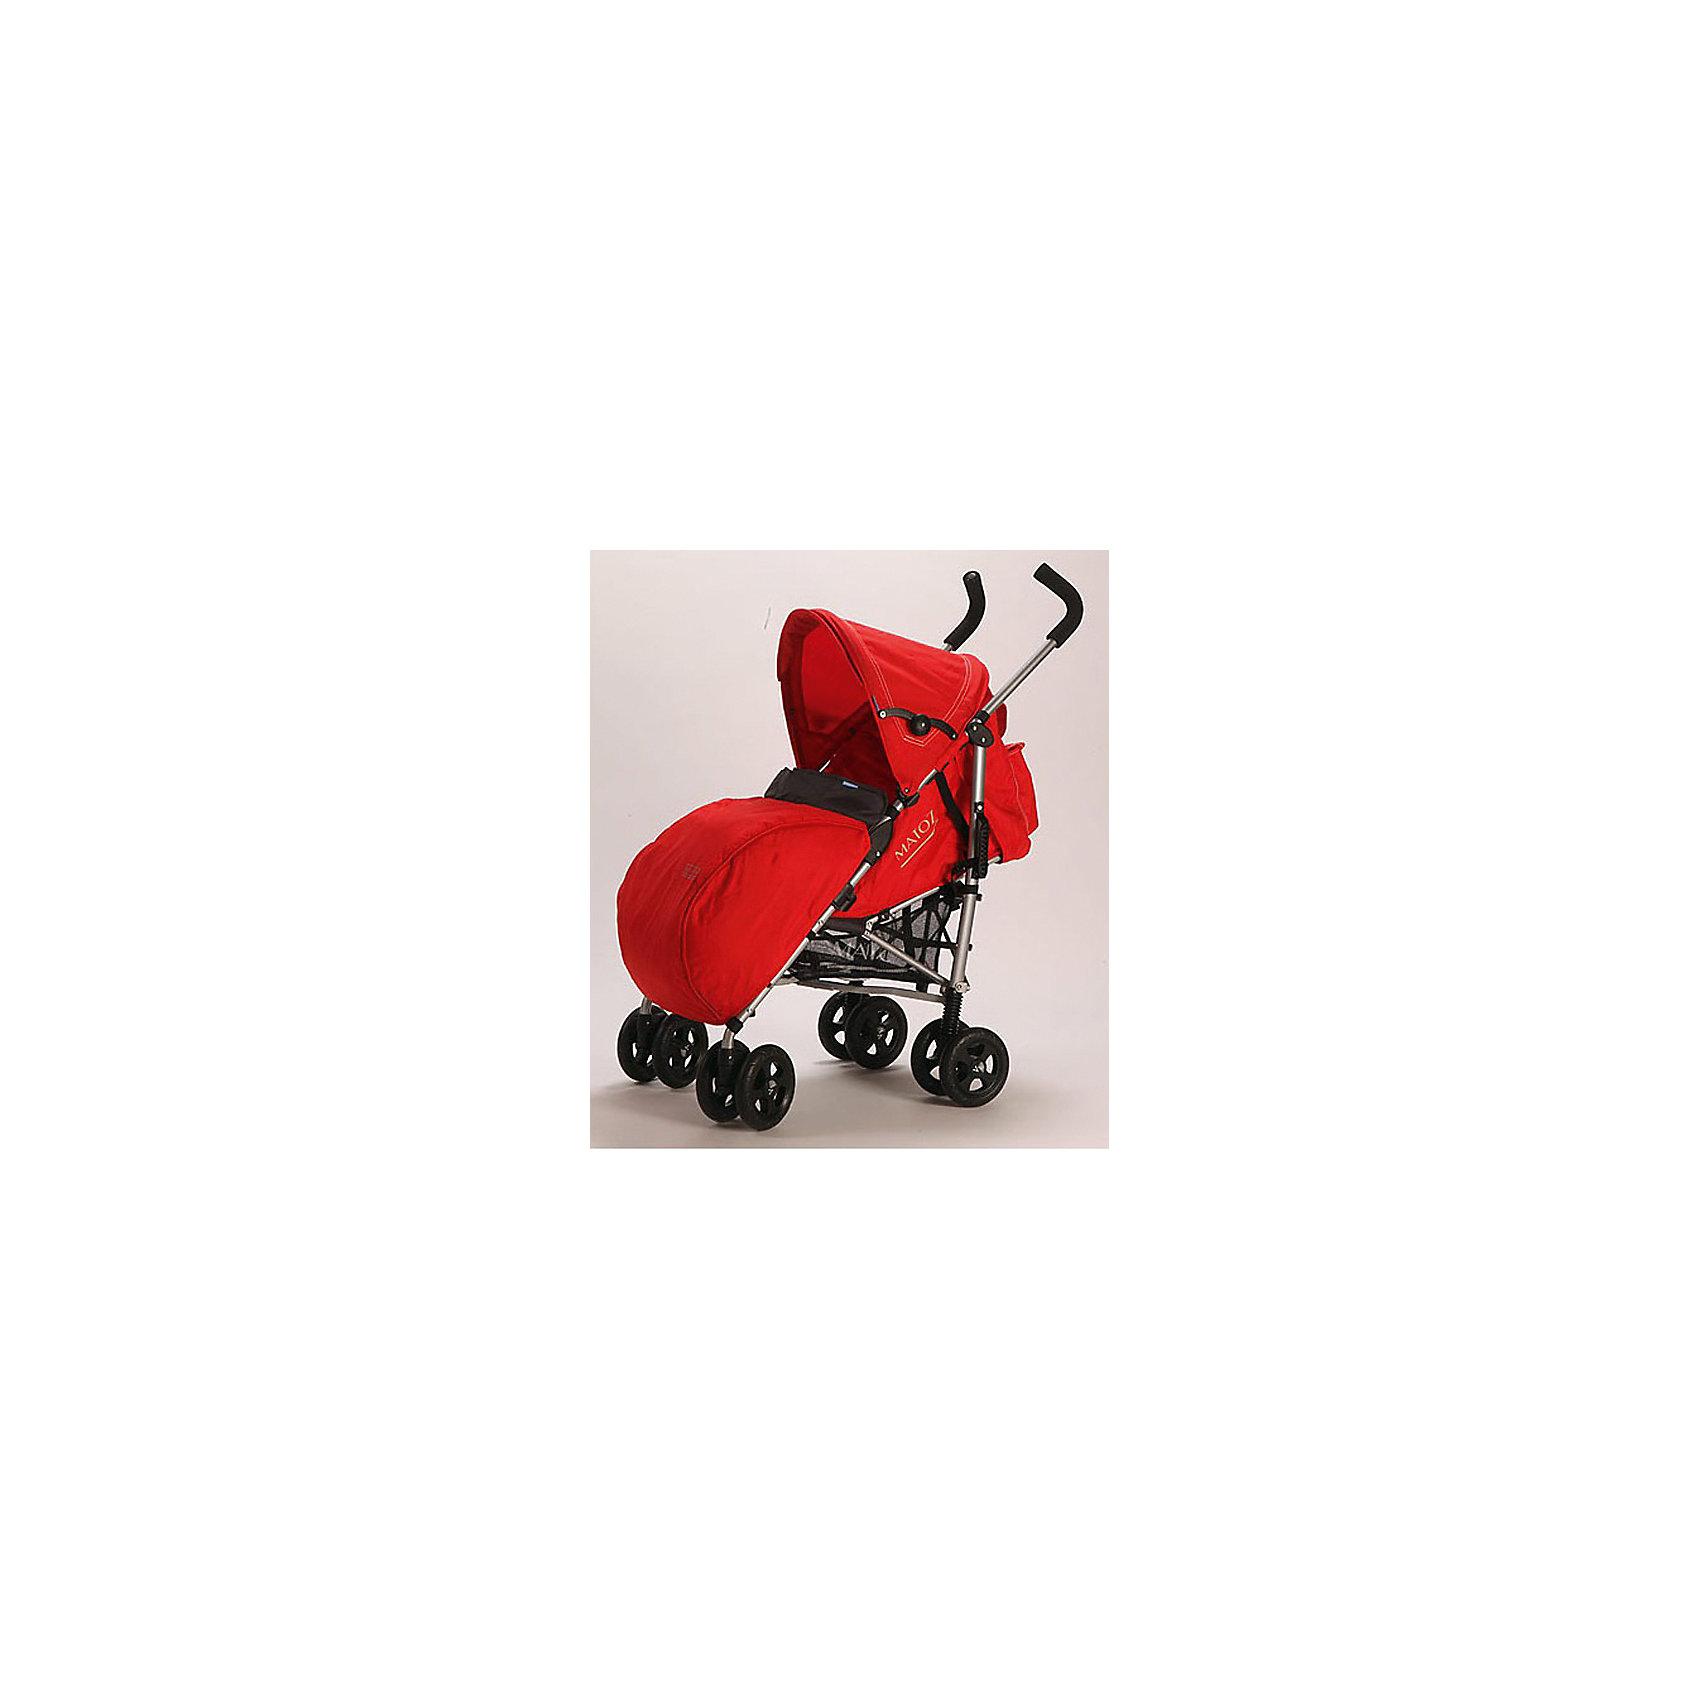 Коляска-трость MATOZ Zorro, красныйКоляски-трости<br>Характеристики коляски-трости:<br><br>• наклон спинки регулируется в 4-х положениях вплоть до горизонтального;<br>• удлиненное спальное место;<br>• подножка регулируется;<br>• система 5-ти точечных ремней безопасности с наплечниками;<br>• имеется защитный бампер;<br>• капюшон оснащен смотровым окошком и солнцезащитным козырьком;<br>• сзади на капюшоне имеется кармашек для аксессуаров;<br>• чехол на ножки входит в комплект, защищает и согревает малыша в холодное время года;<br>• колеса сдвоенные, оснащены плавающим механизмом с блокировкой и ножным тормозом;<br>• система амортизации;<br>• тип складывания: трость.<br><br>Размер коляски в сложенном виде: 105х26х20 см<br>Вес коляски: 5,8 кг<br>Диаметр колес: 13 см<br>Размер сиденья: 32х23 см<br>Высота от земли до ручки: 108 см<br>Ширина шасси: 48 см<br>Вес в упаковке: 8,5 кг<br><br>Коляску-трость MATOZ Zorro, MATOZ, красную можно купить в нашем интернет-магазине.<br><br>Ширина мм: 1050<br>Глубина мм: 200<br>Высота мм: 260<br>Вес г: 6000<br>Возраст от месяцев: 7<br>Возраст до месяцев: 36<br>Пол: Унисекс<br>Возраст: Детский<br>SKU: 5500305